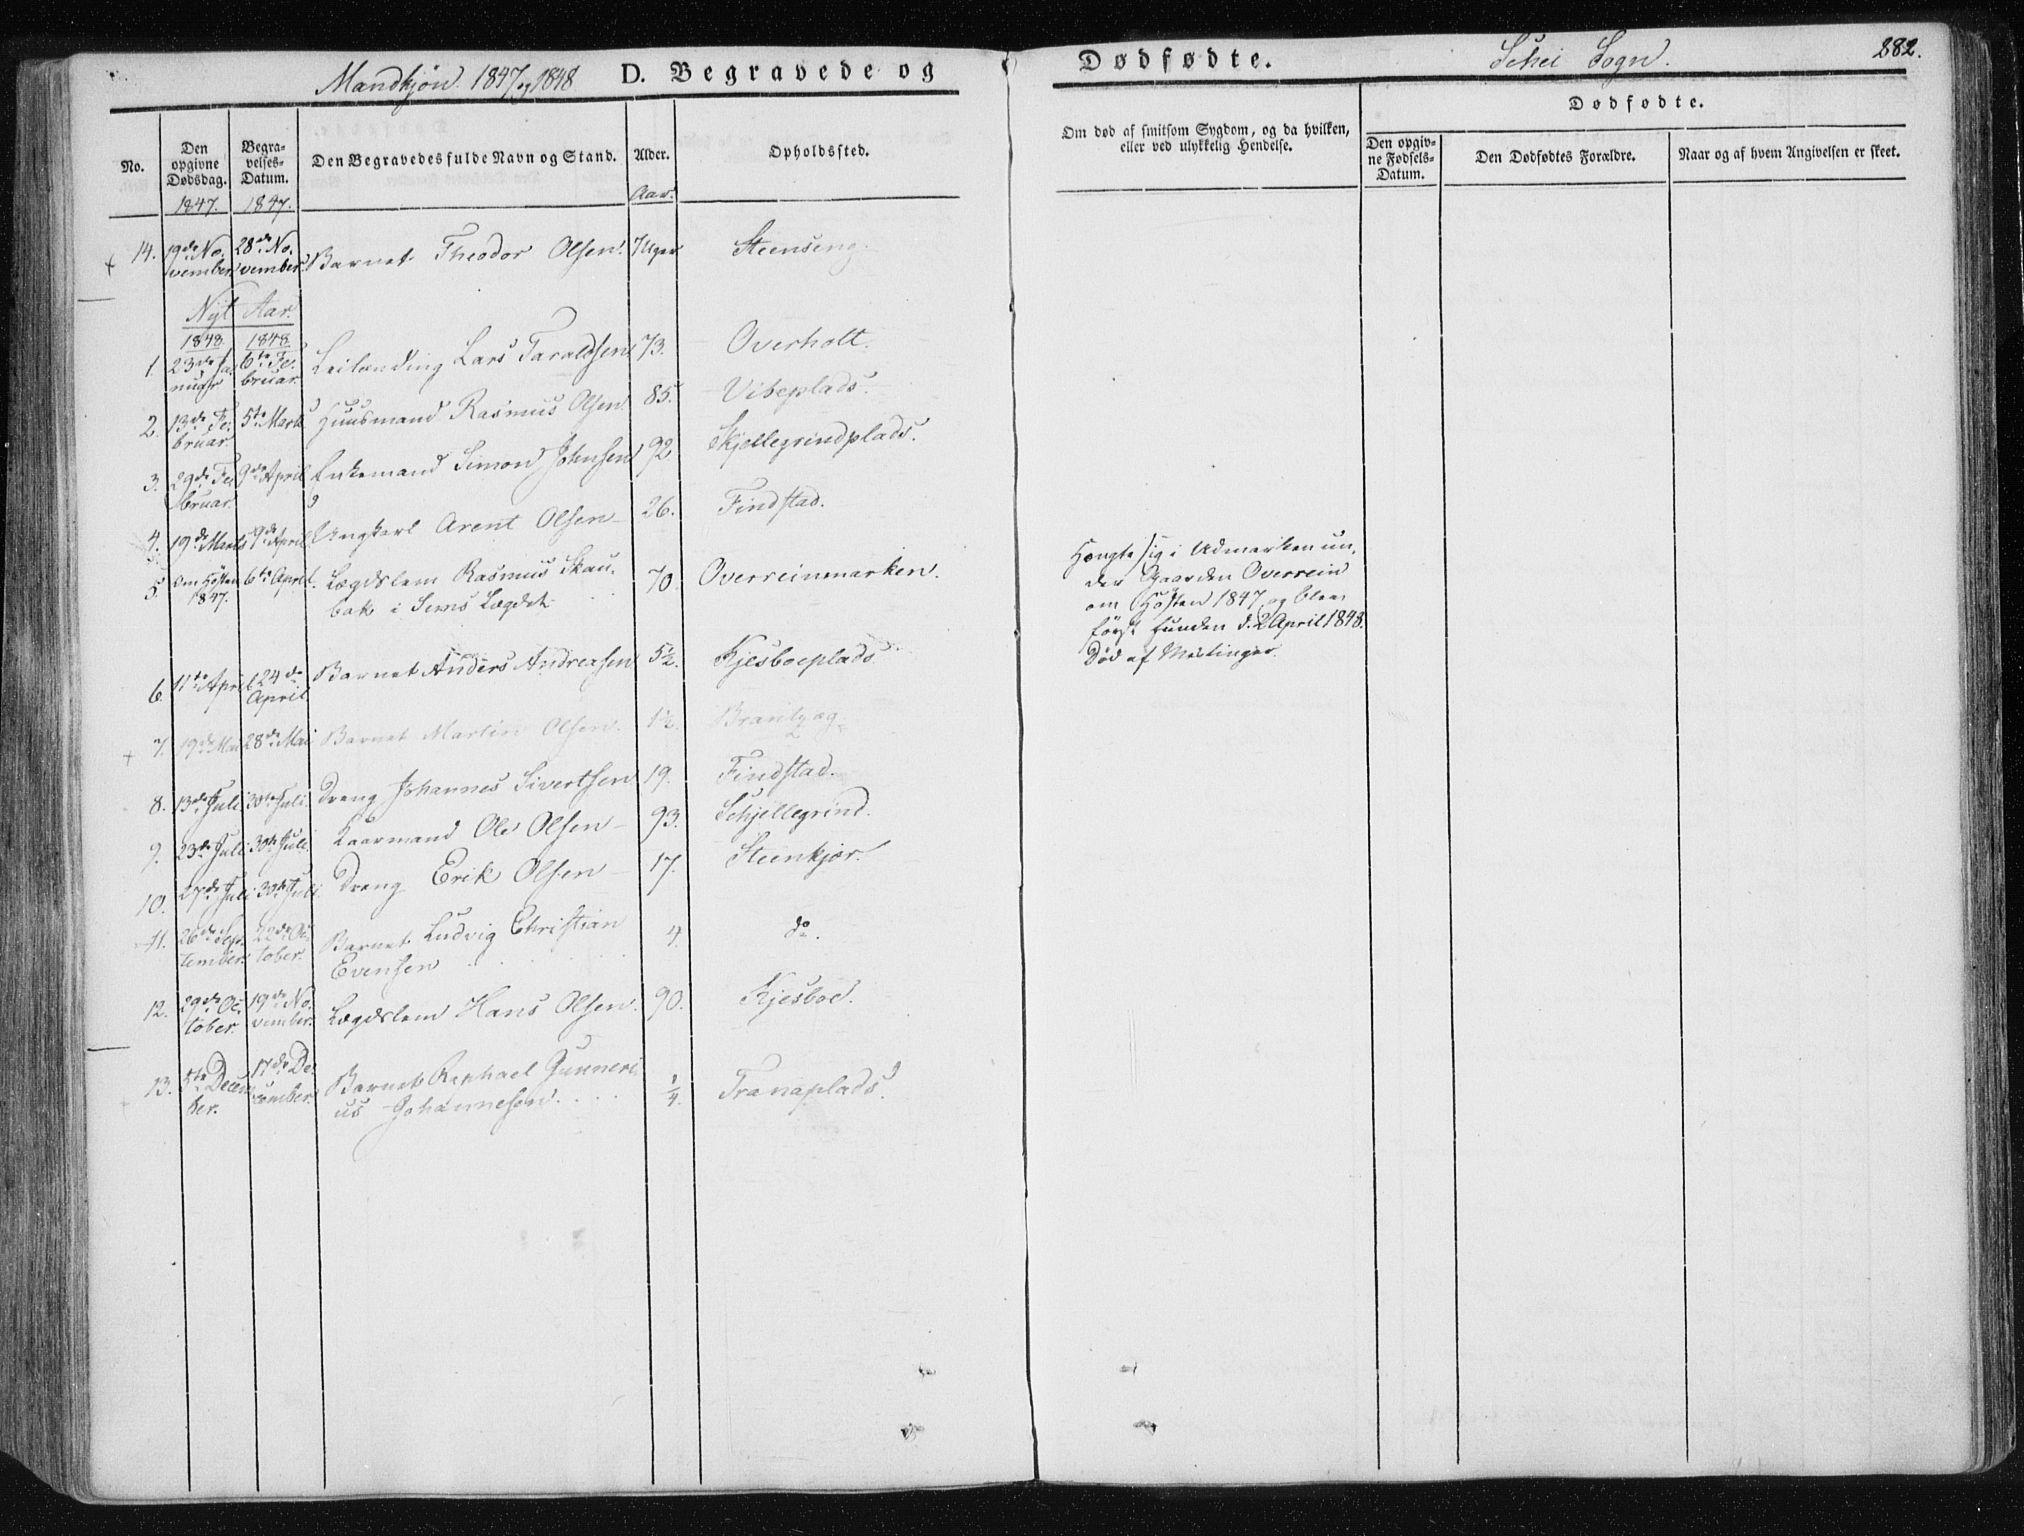 SAT, Ministerialprotokoller, klokkerbøker og fødselsregistre - Nord-Trøndelag, 735/L0339: Ministerialbok nr. 735A06 /2, 1836-1848, s. 282